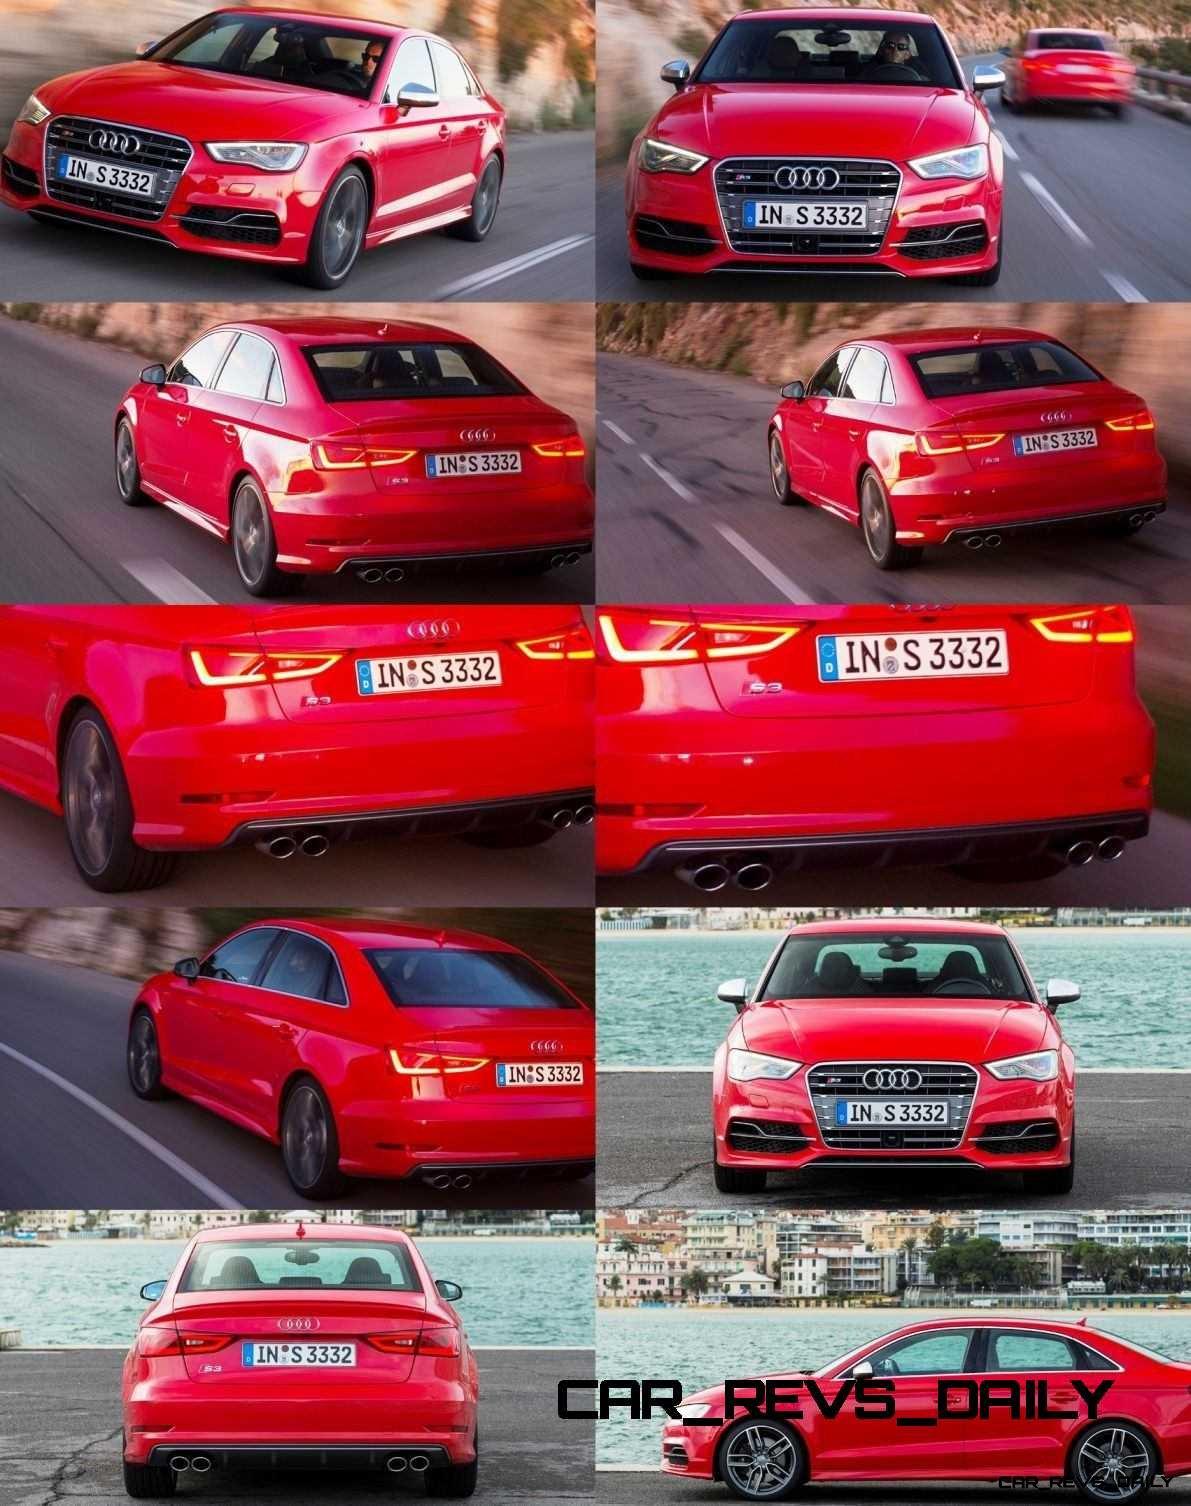 CarRevsDaily - 2015 Audi S3 Exterior 2-tileccc